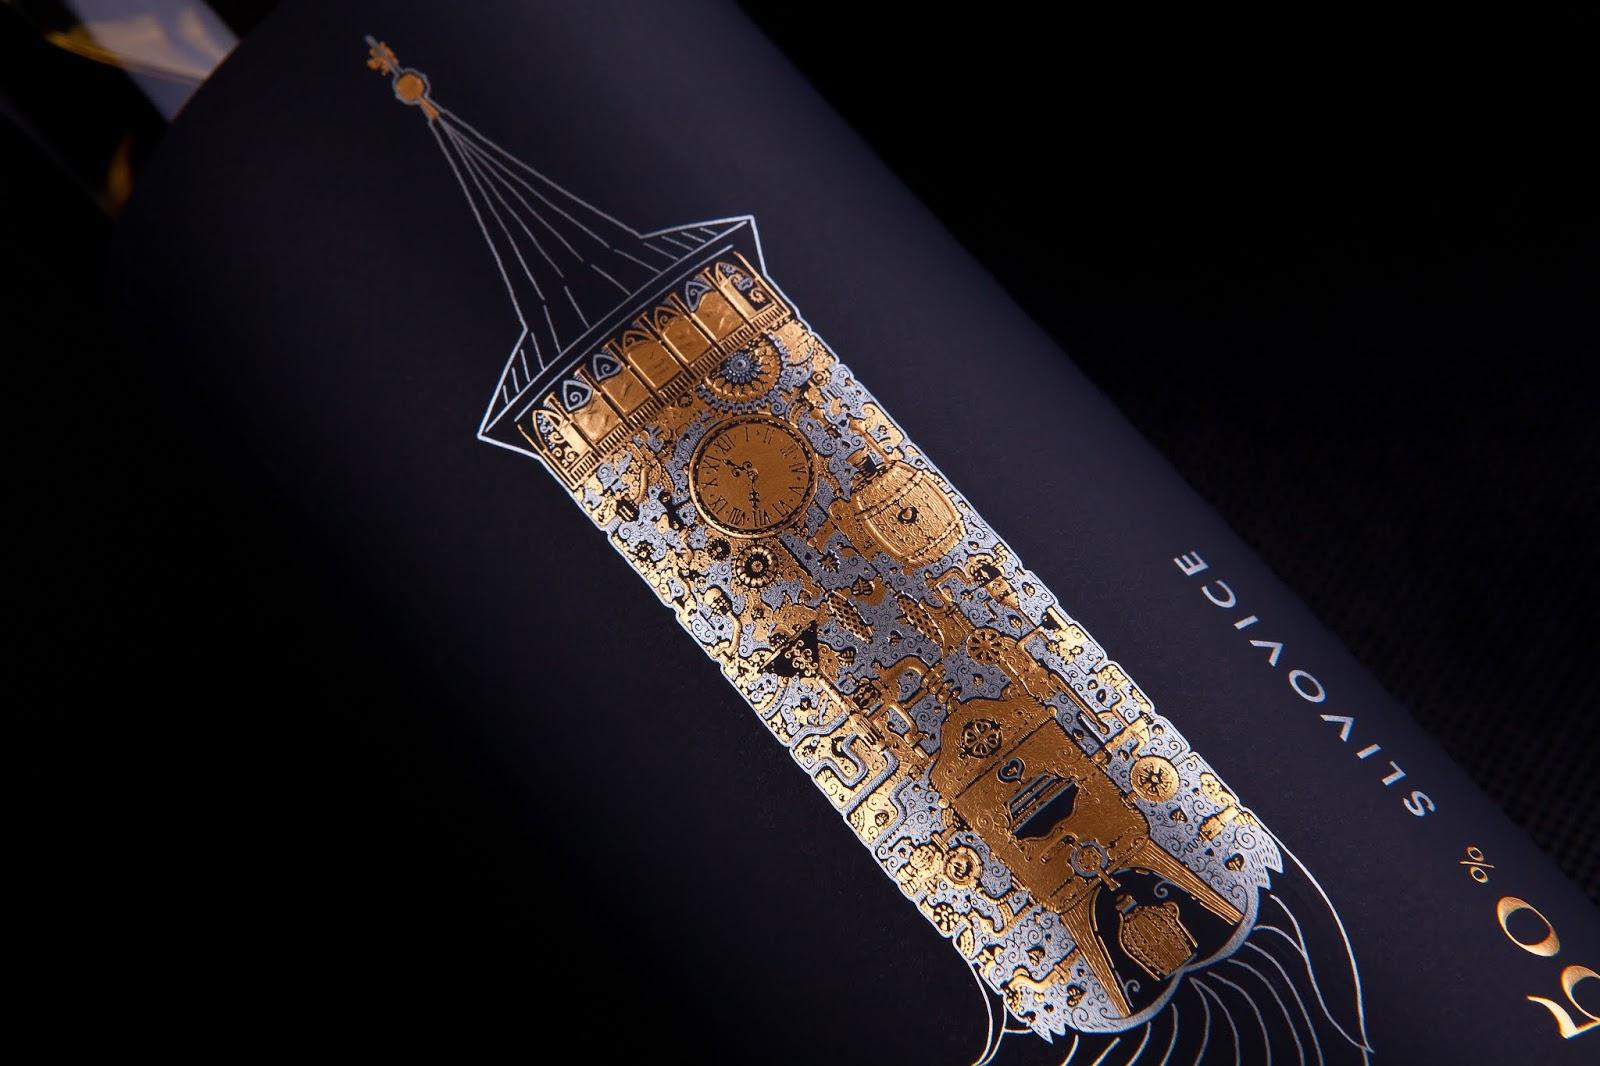 鲁姆卡索夫卡酒饮包装设计